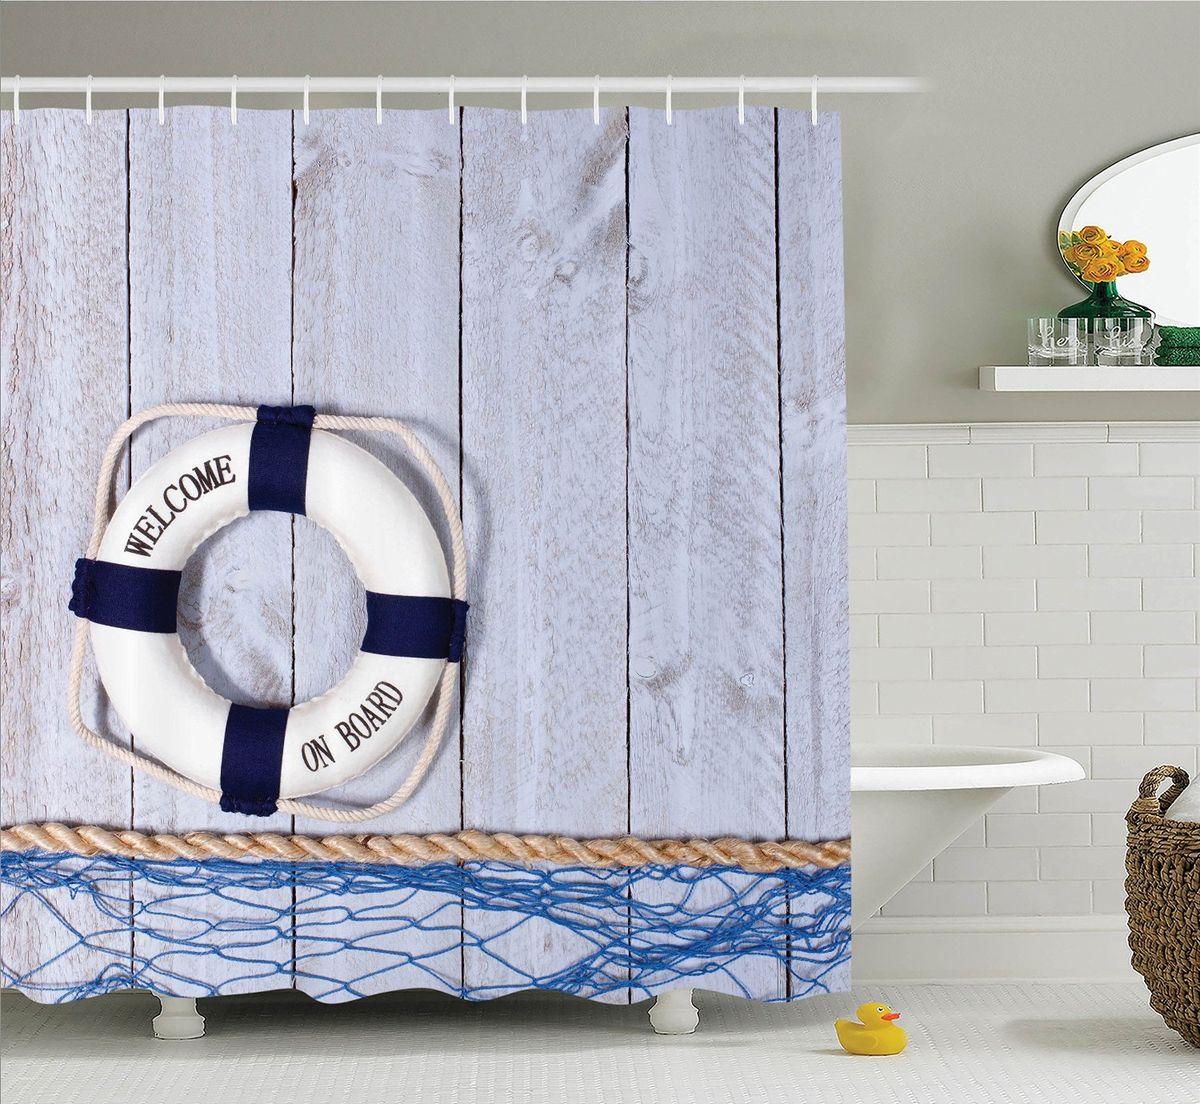 Штора для ванной комнаты Magic Lady Спасательный круг, 180 х 200 см49550Штора Magic Lady Спасательный круг, изготовленная из высококачественного сатена (полиэстер 100%), отлично дополнит любой интерьер ванной комнаты. При изготовлении используются специальные гипоаллергенные чернила для прямой печати по ткани, безопасные для человека.В комплекте: 1 штора, 12 крючков. Обращаем ваше внимание, фактический цвет изделия может незначительно отличаться от представленного на фото.